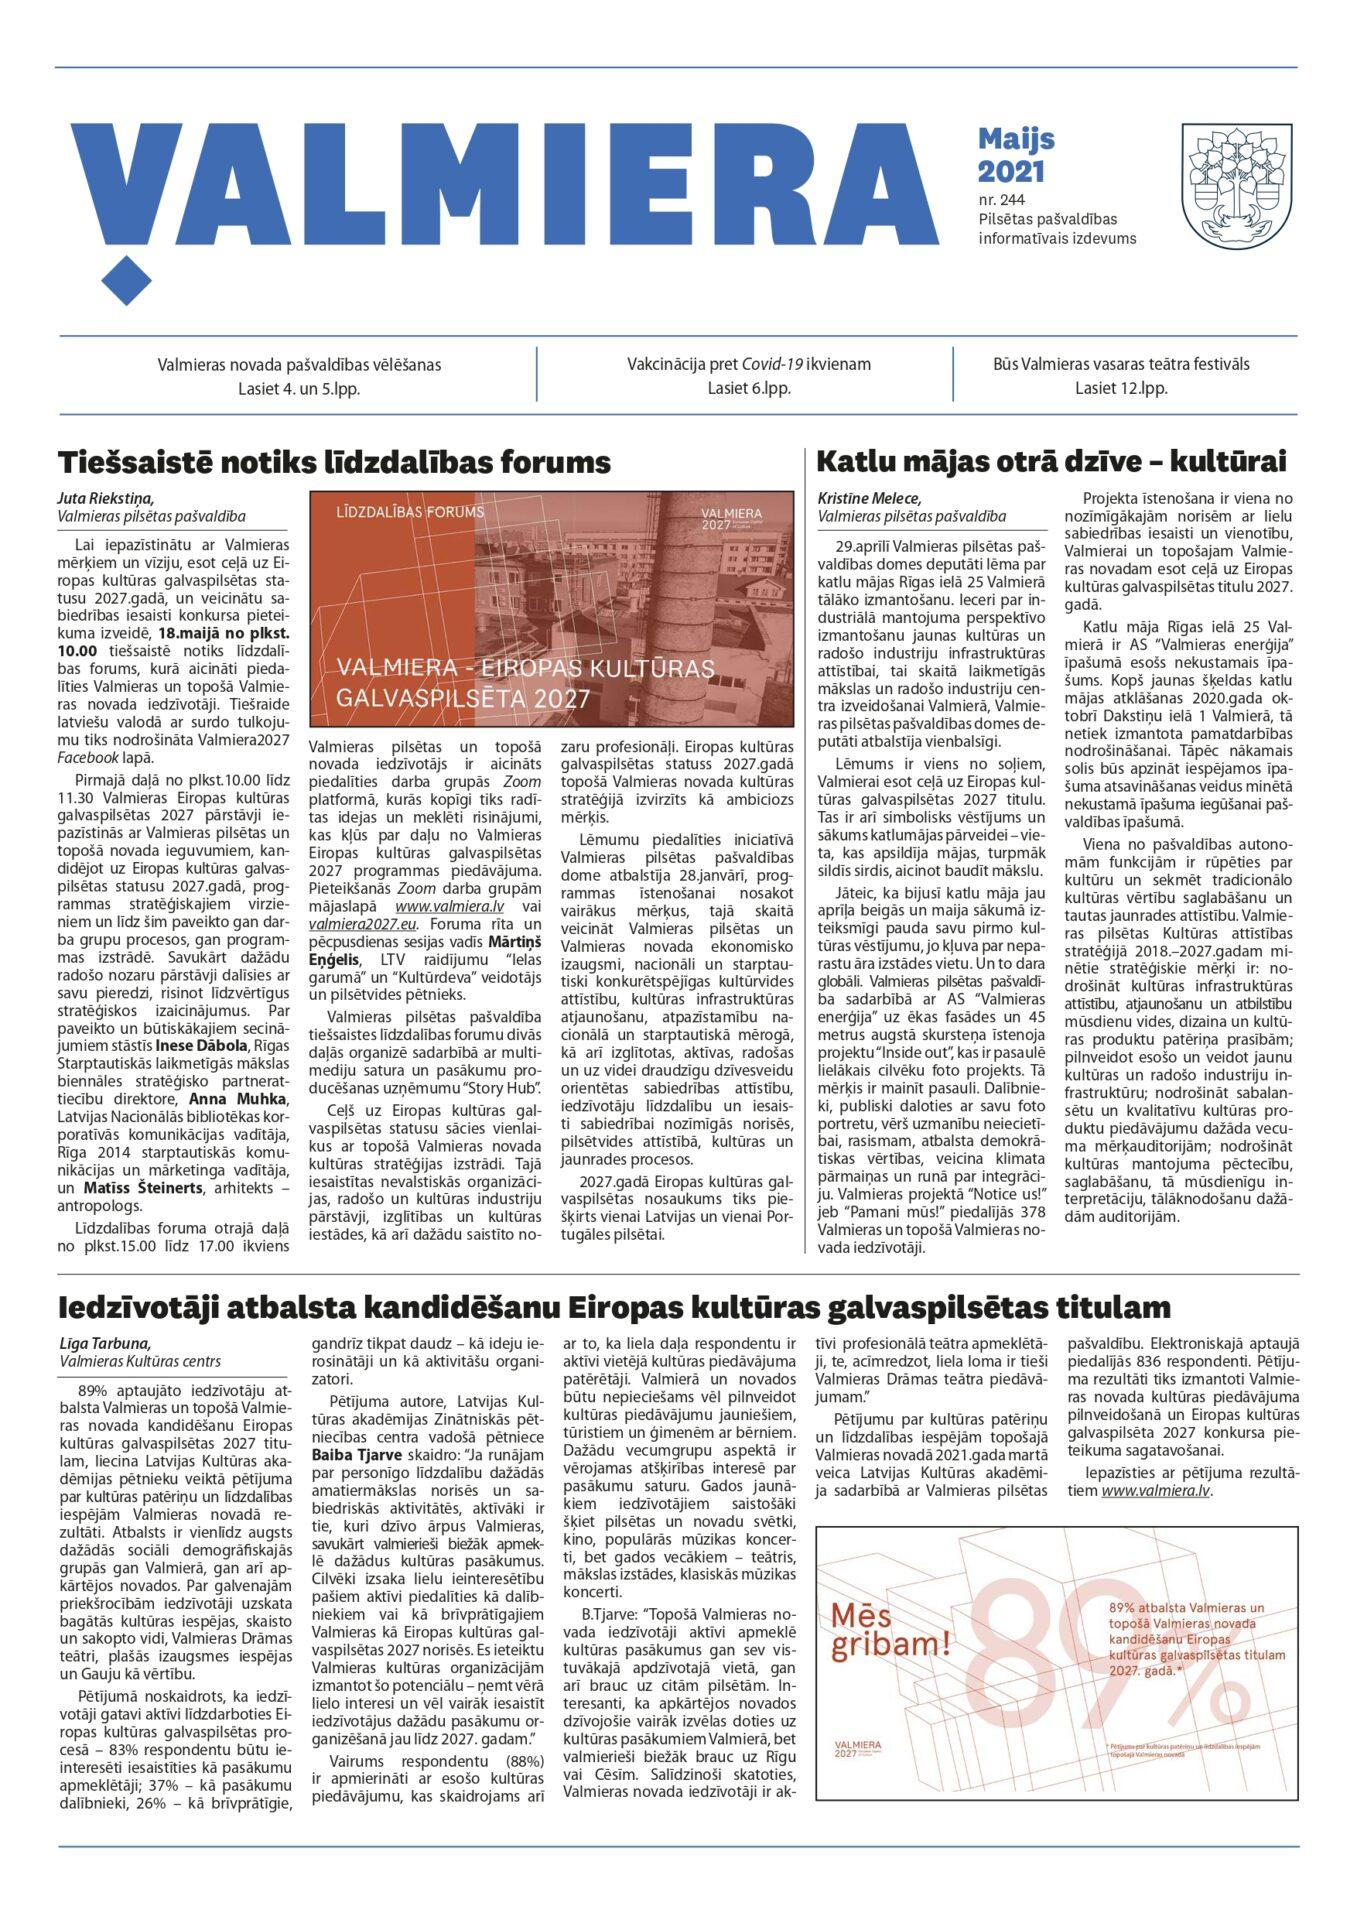 Valmieras pilsētas pašvaldības informatīvais izdevums maijs